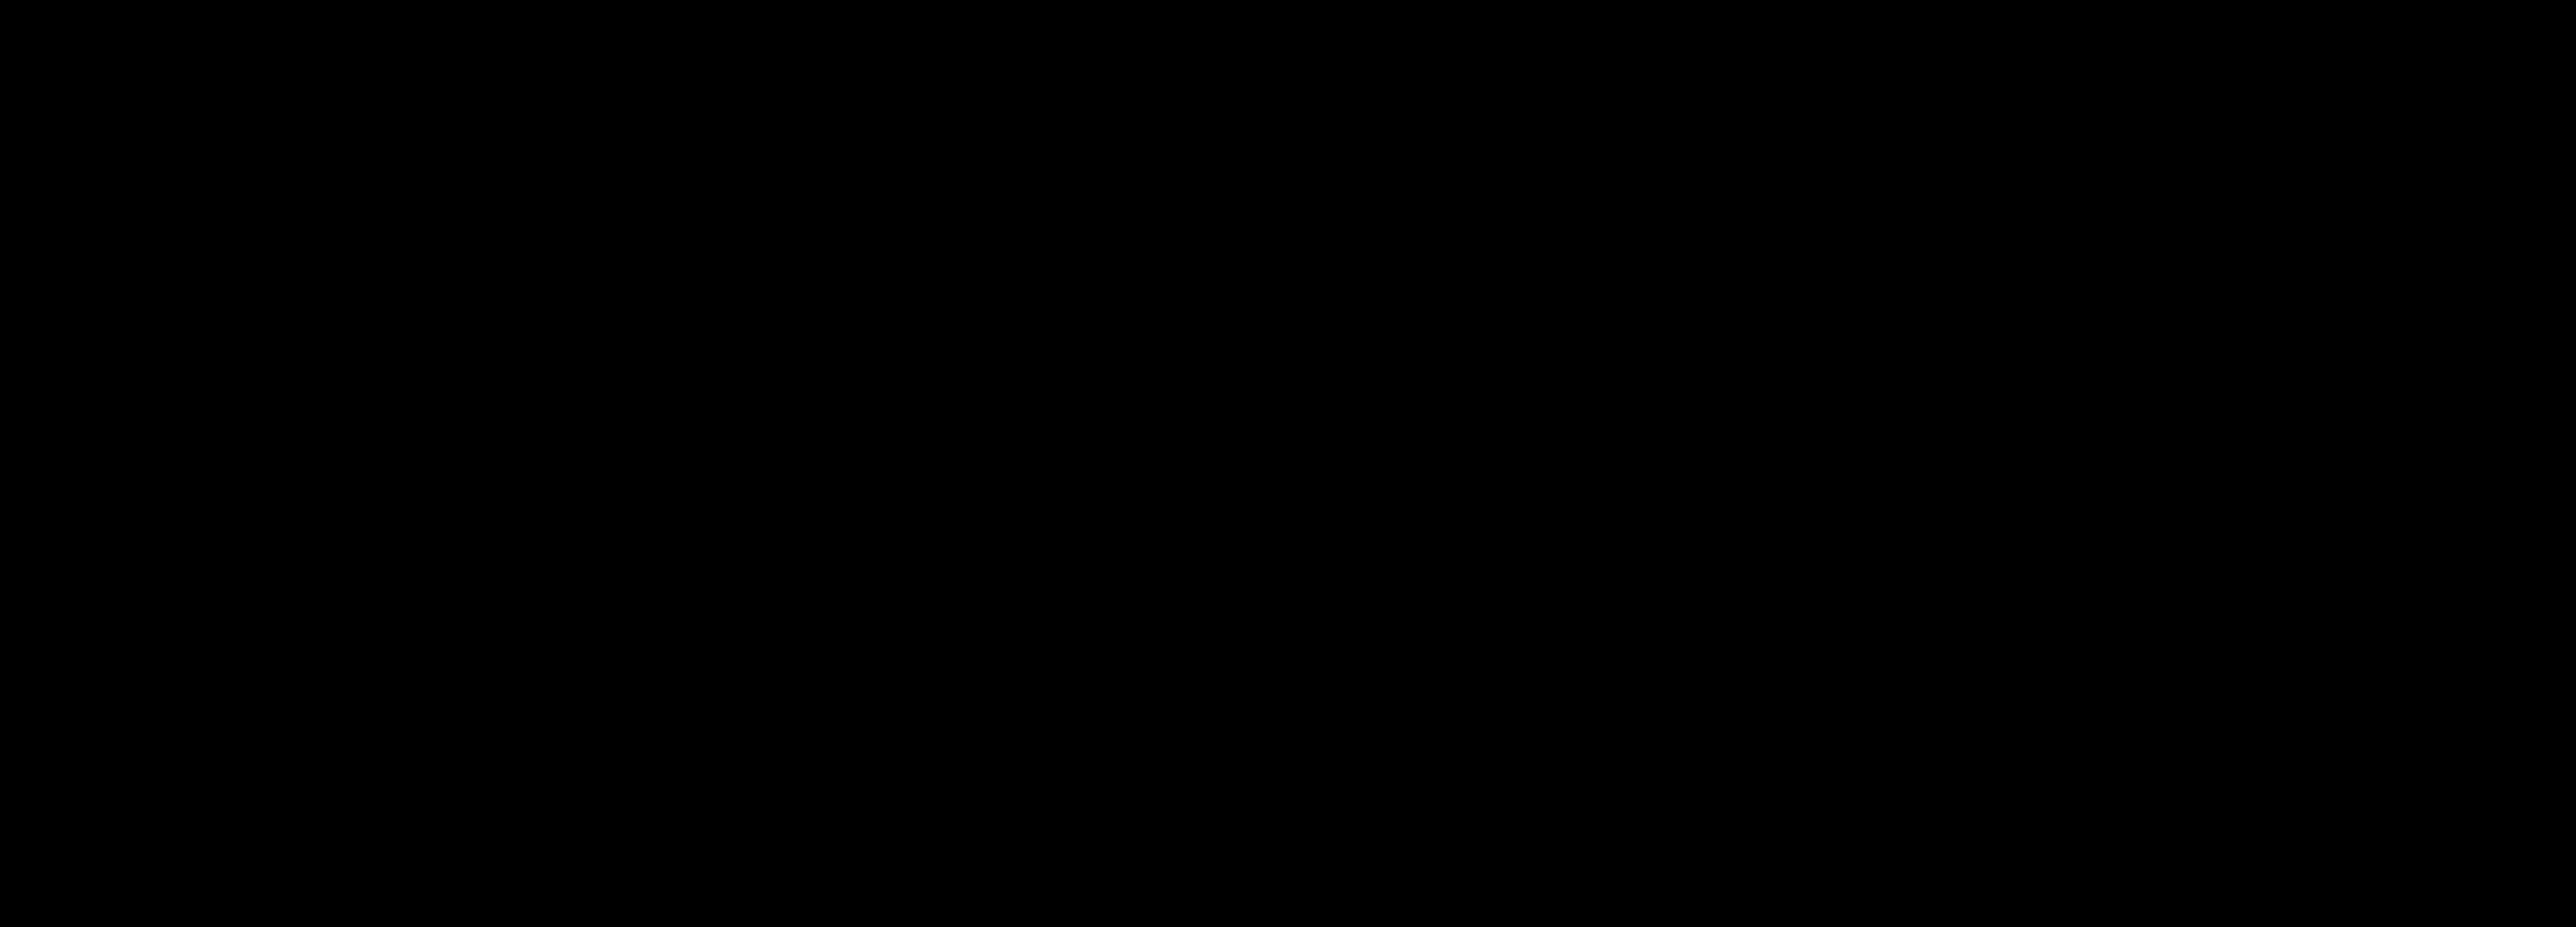 直播回顾>>2021中华美食荟餐饮技能展示现场直播